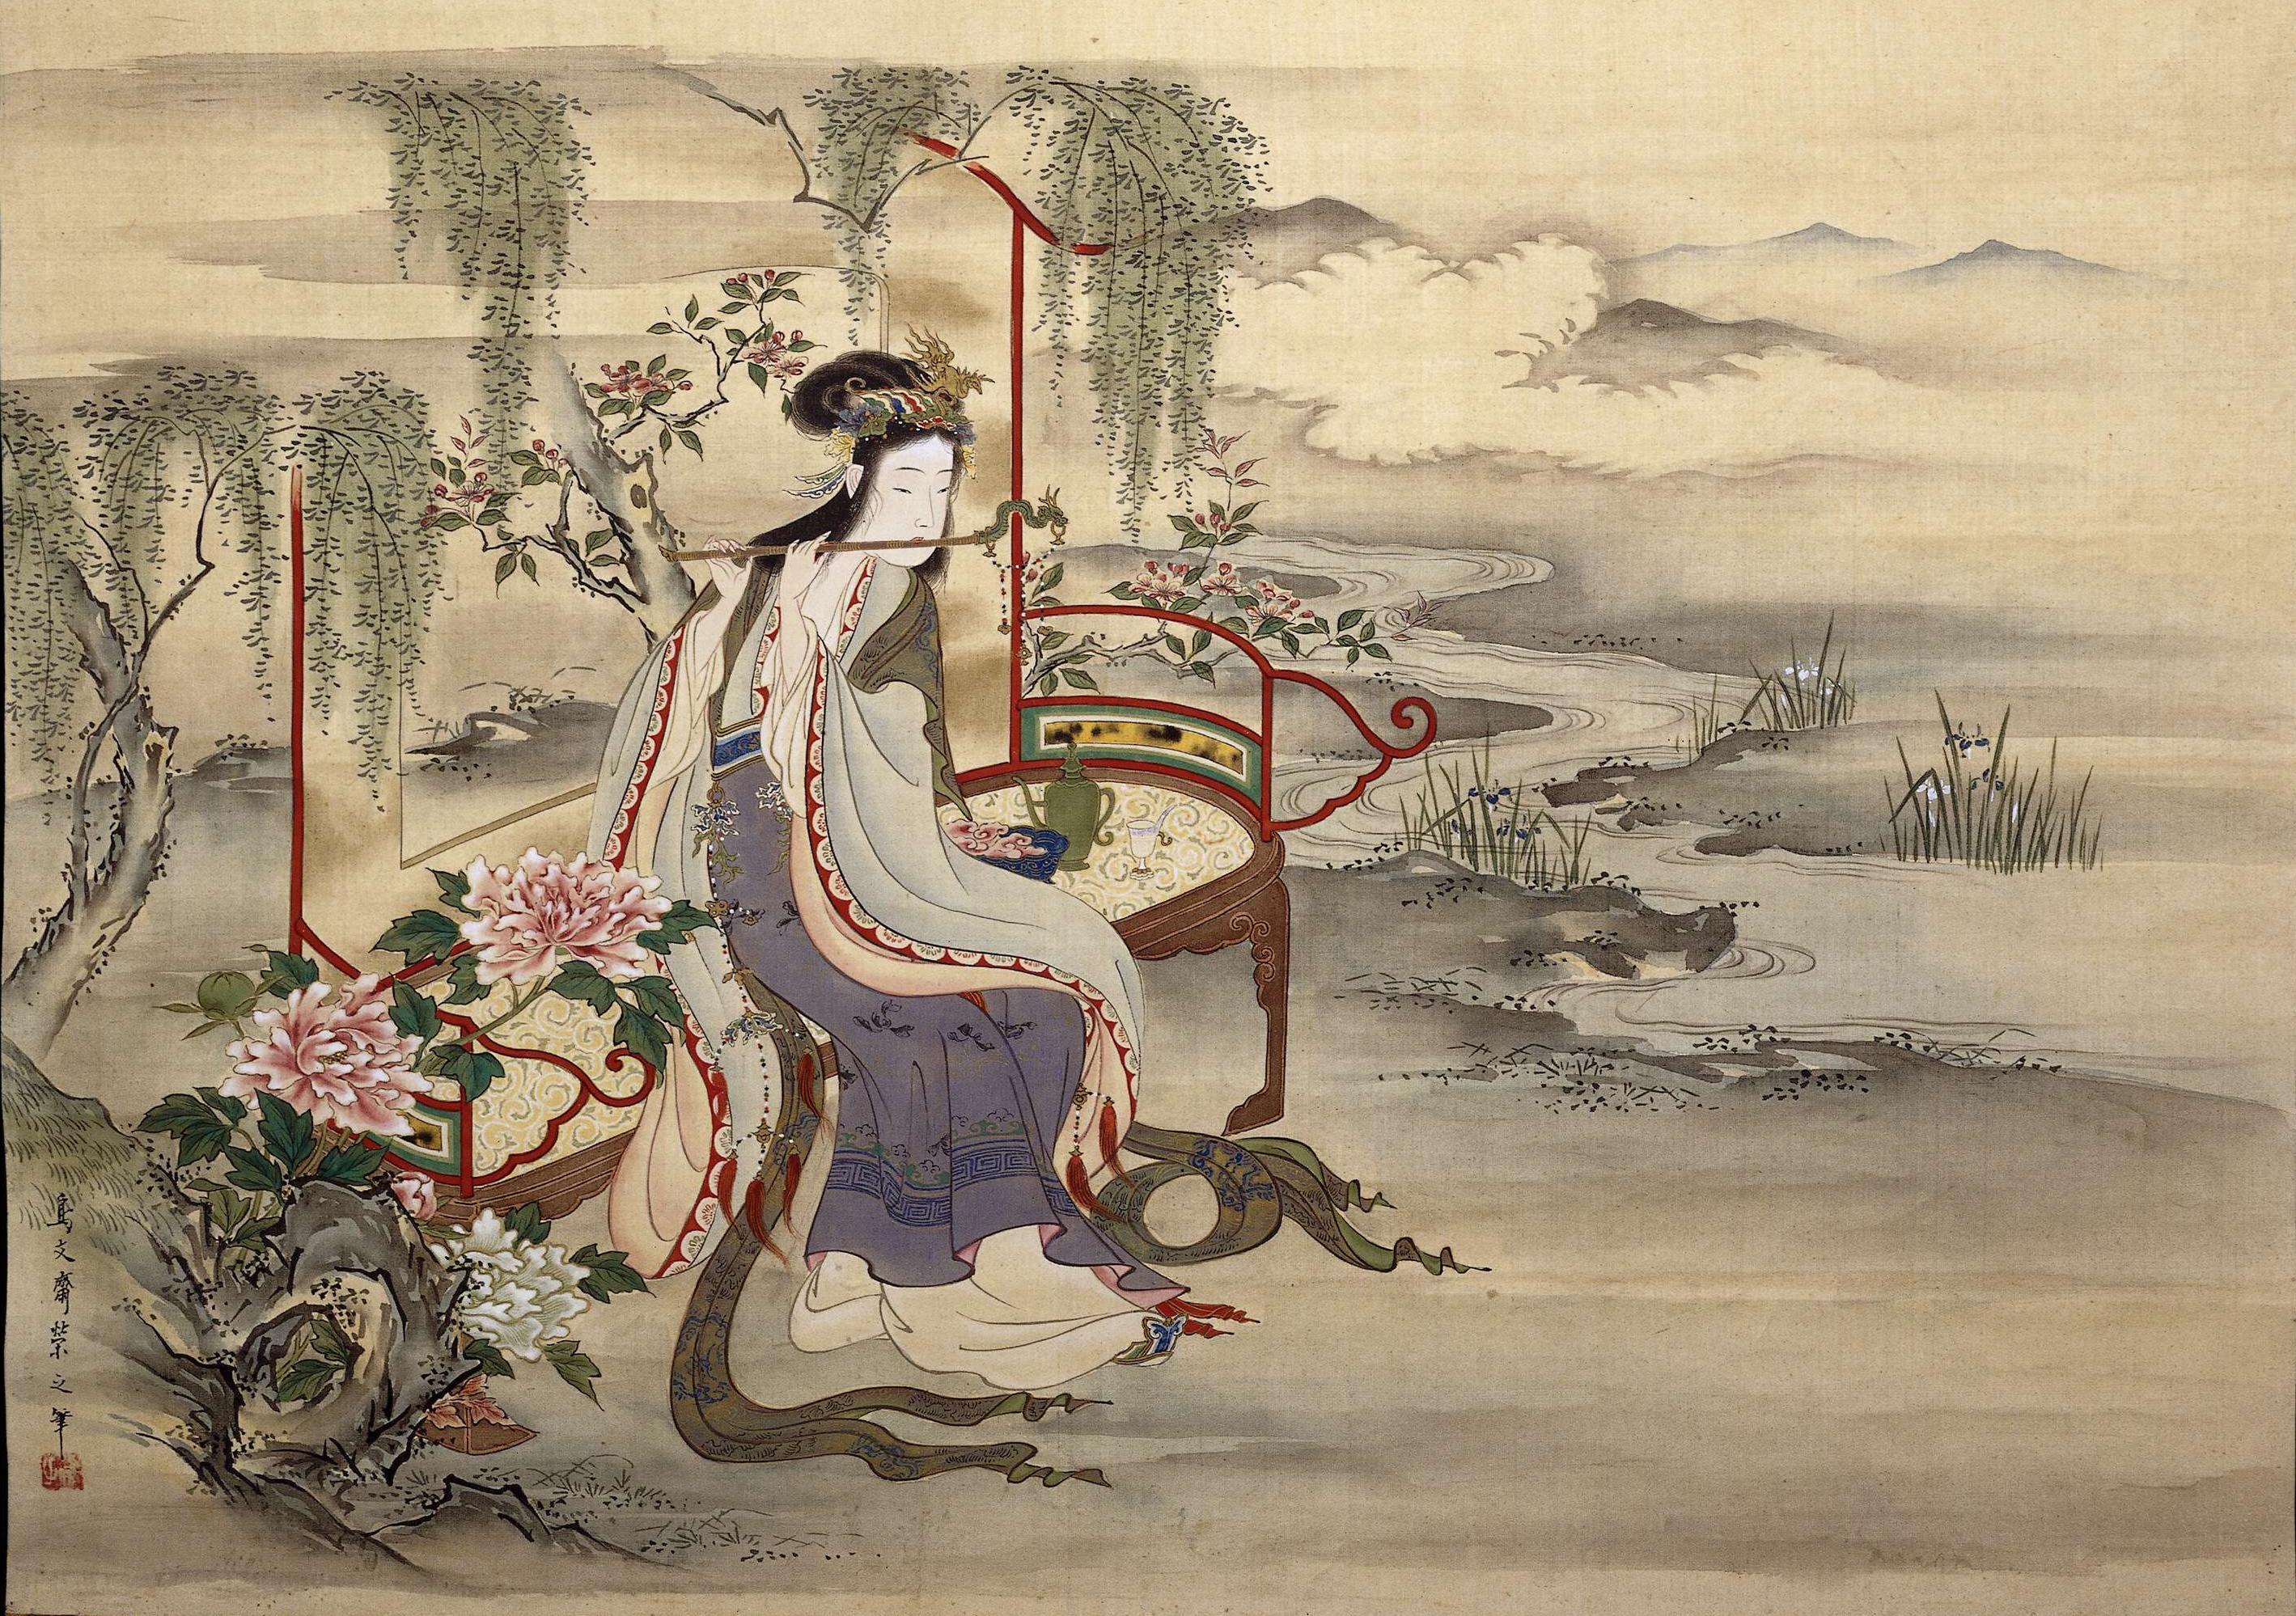 Hosoda Eishi - Yang Gui Fei